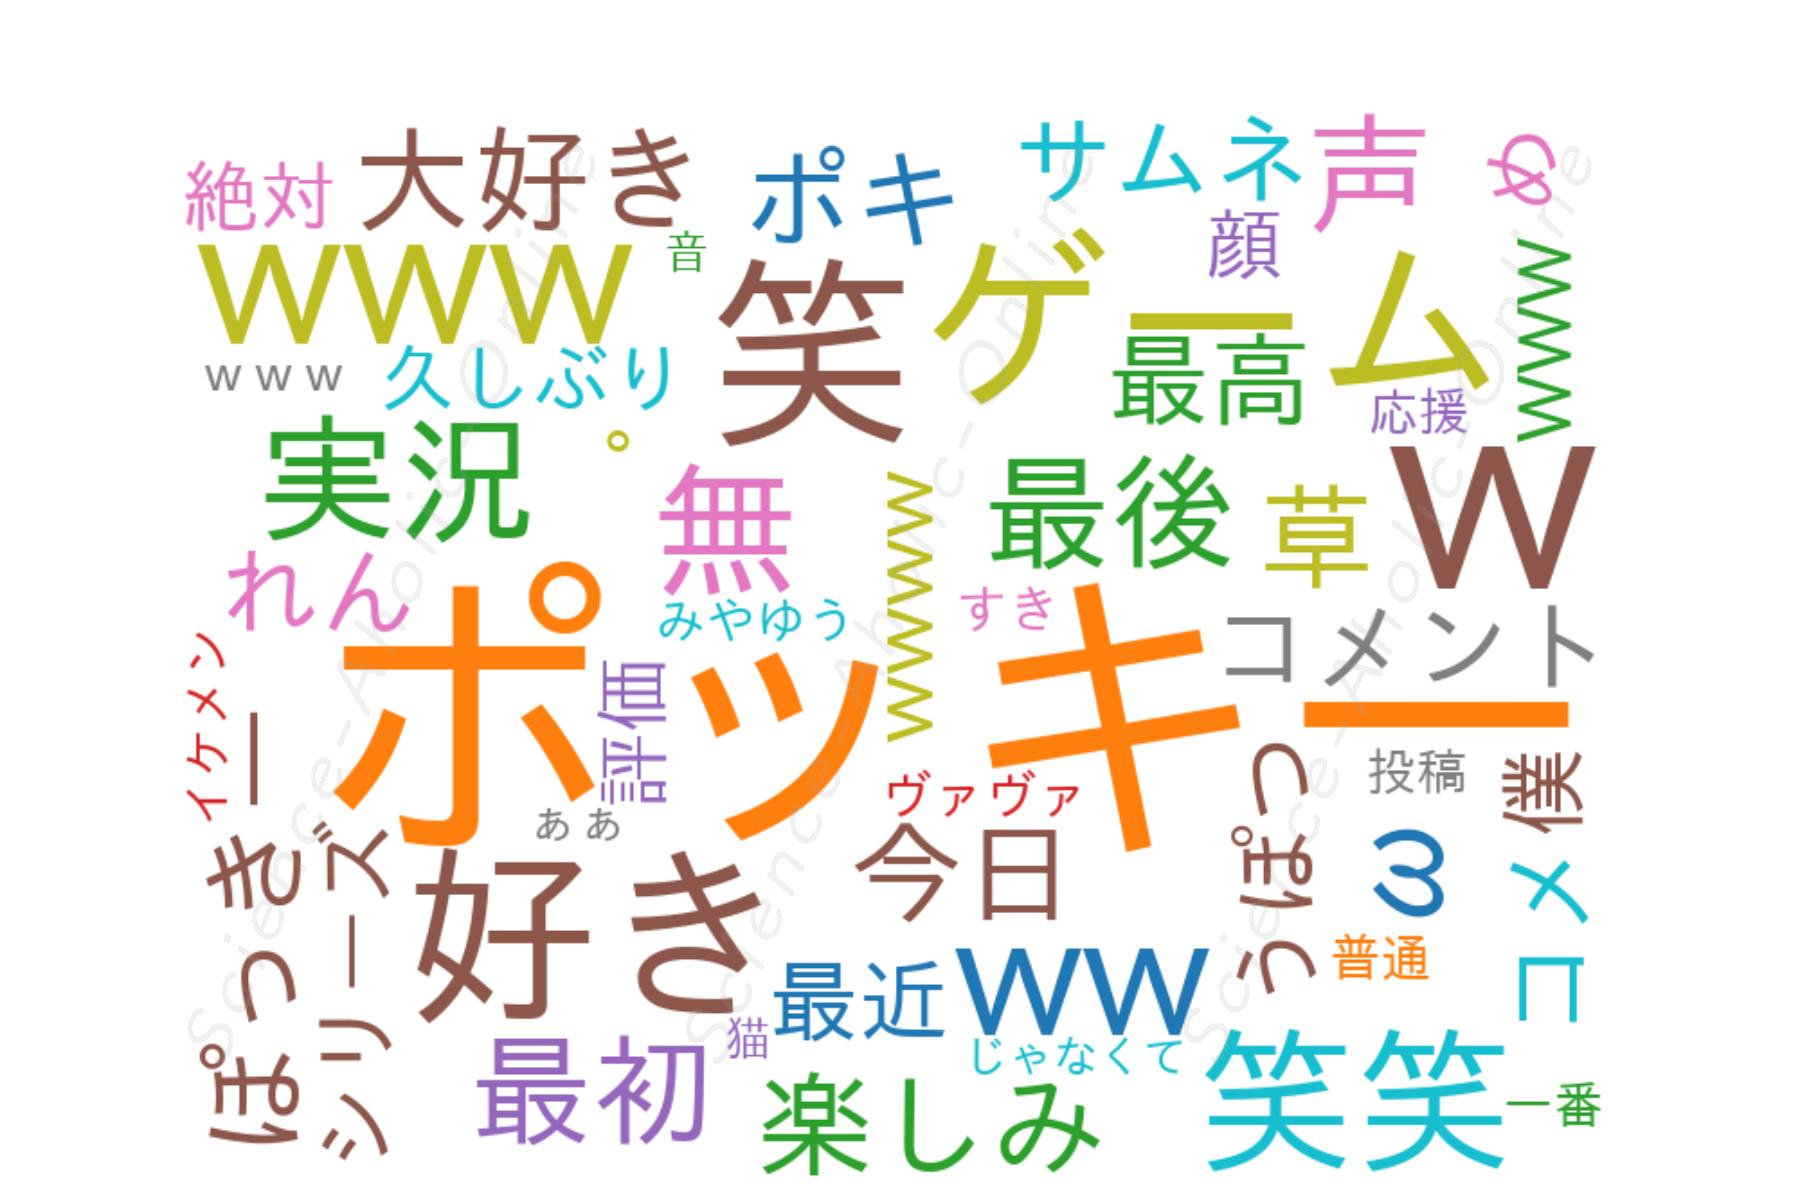 wordcloud_ポッキー